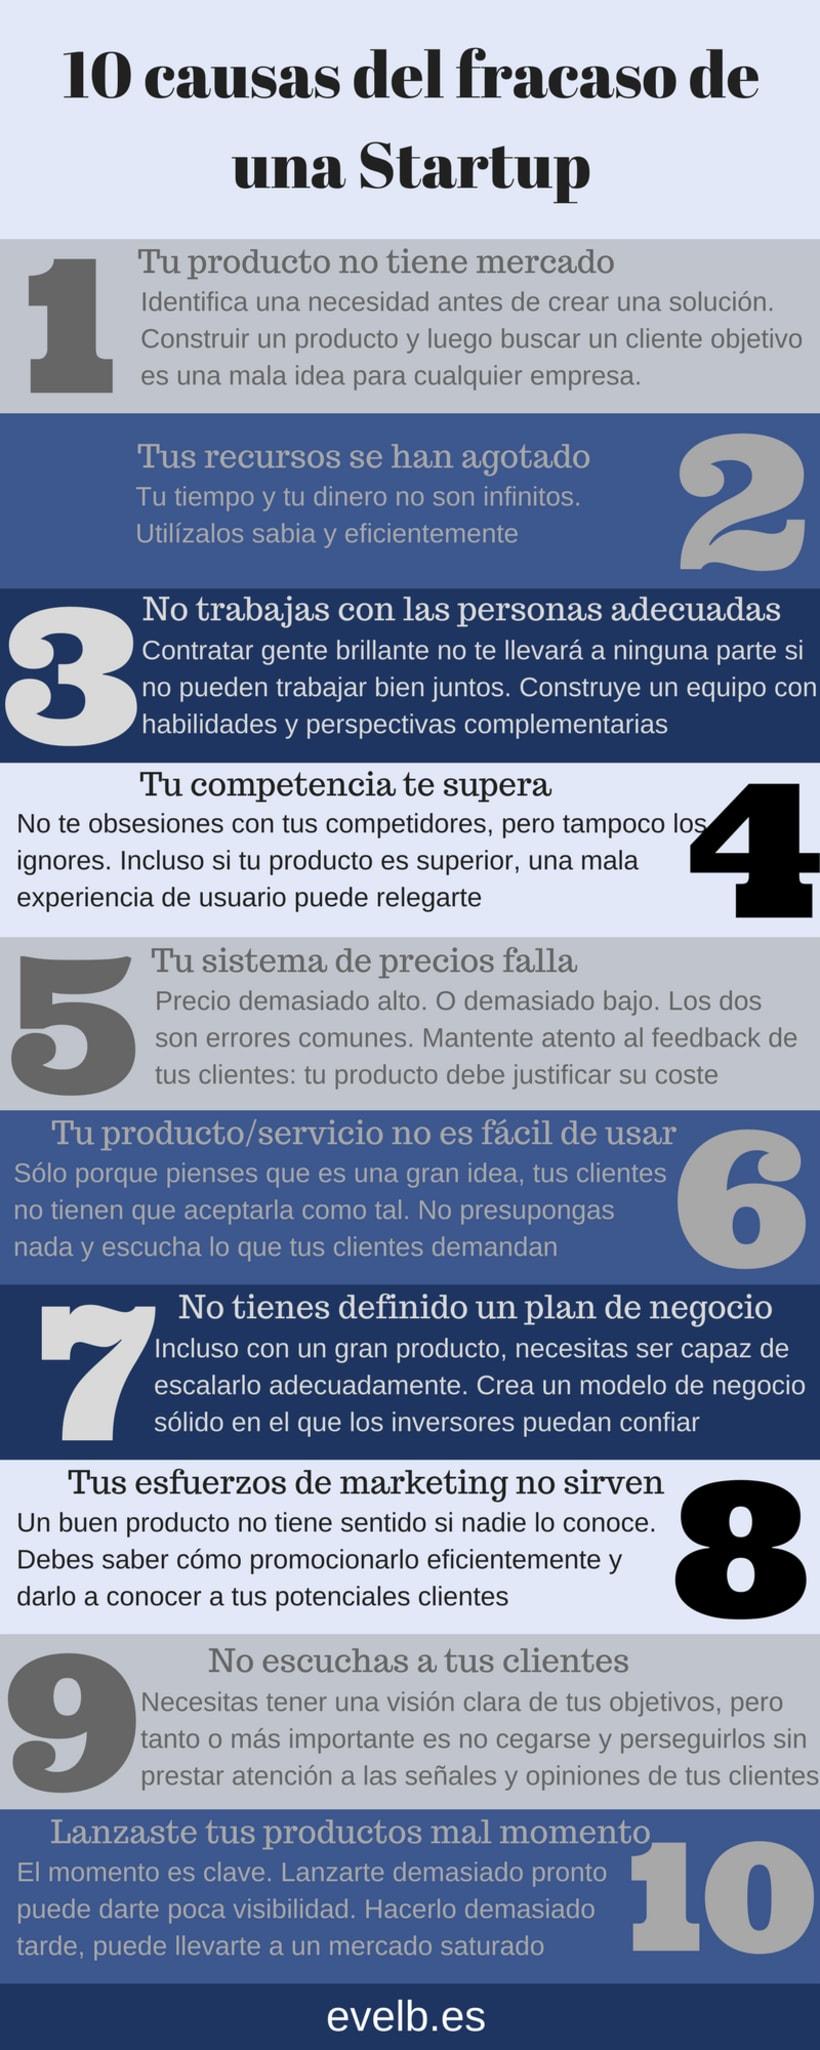 Infografías evelb.es 6